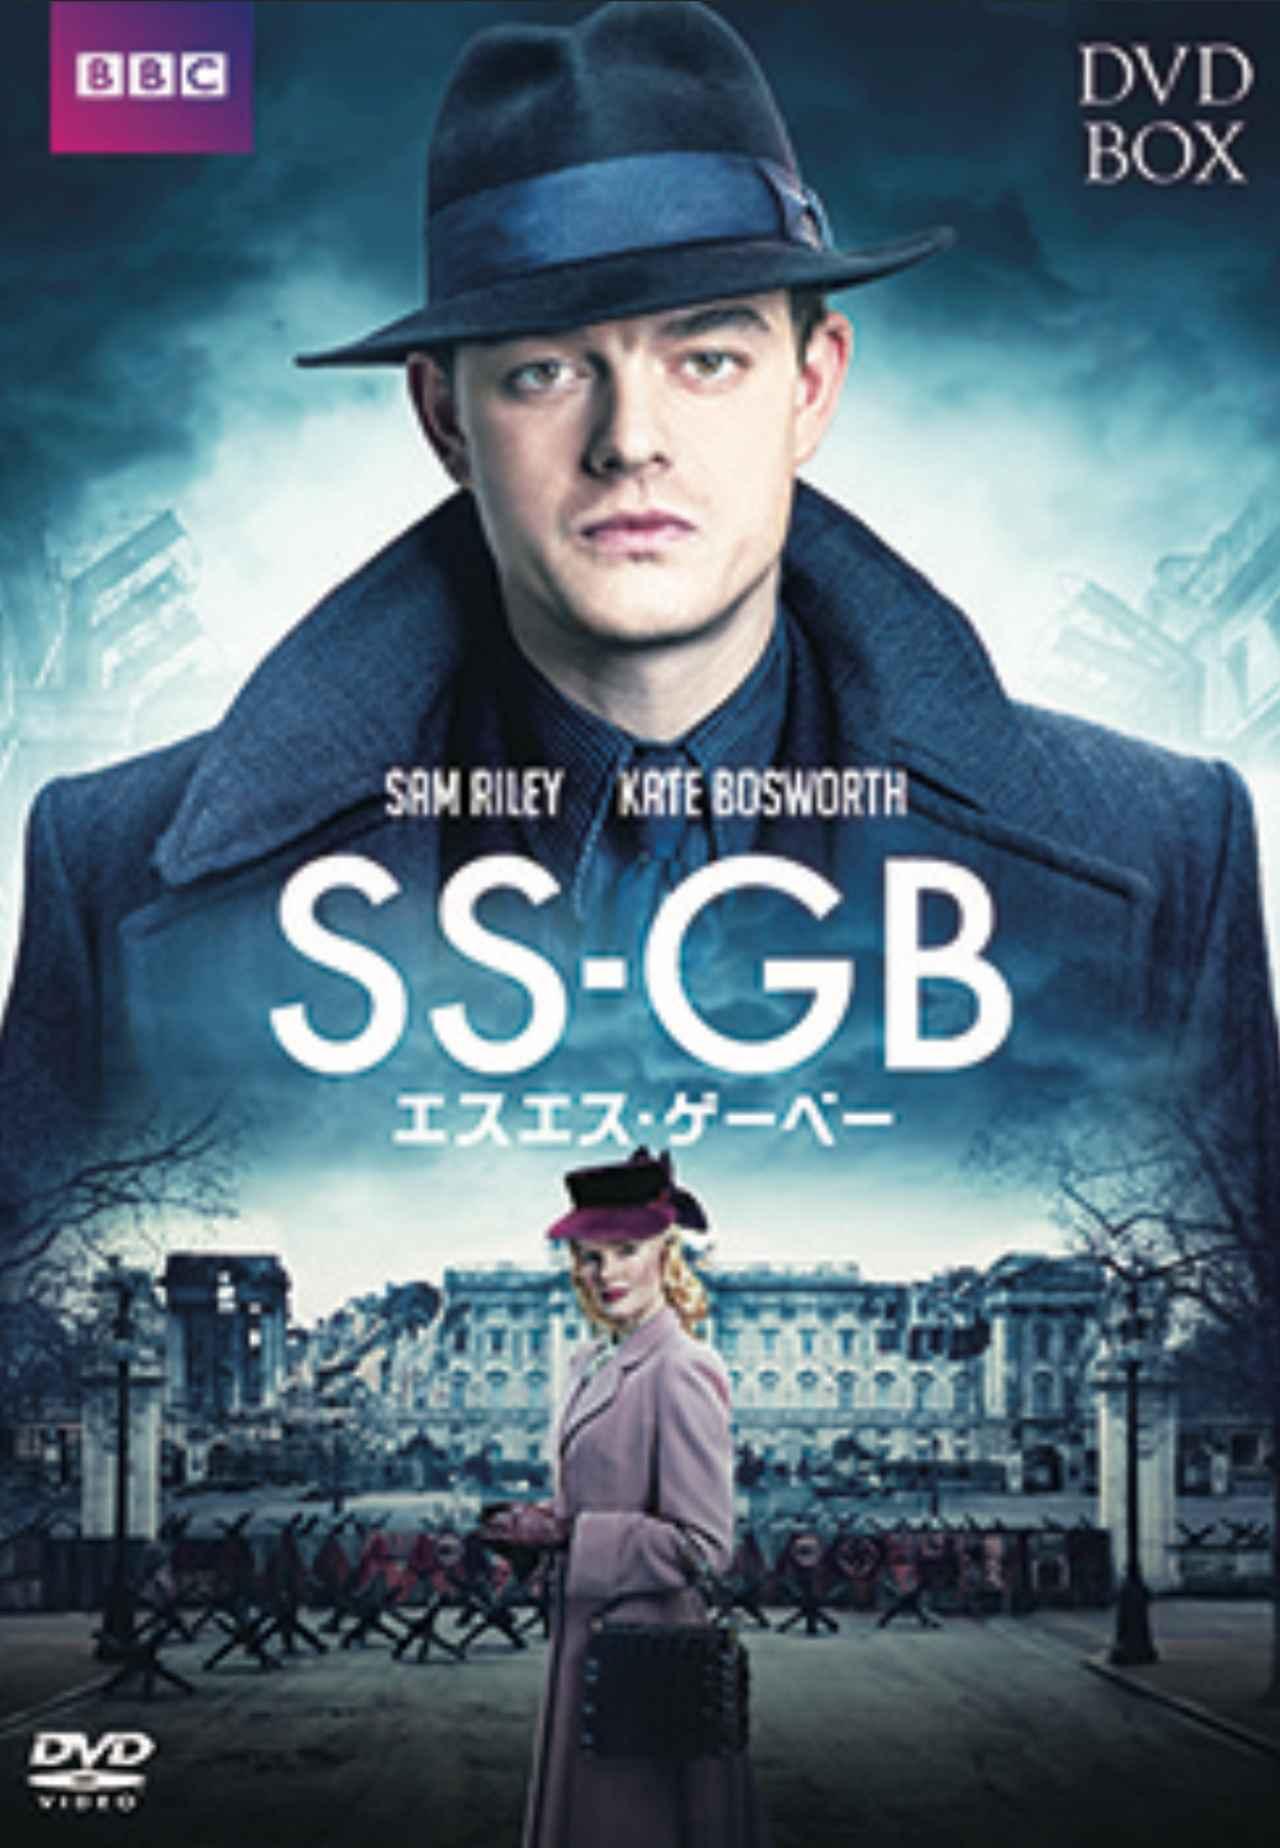 画像: 「SS-GB /エスエス・ゲーベー」DVD-BOX KADOKAWA /12月8日発売、9800円+税(3枚組) ©Sid Gentle Films Ltd.